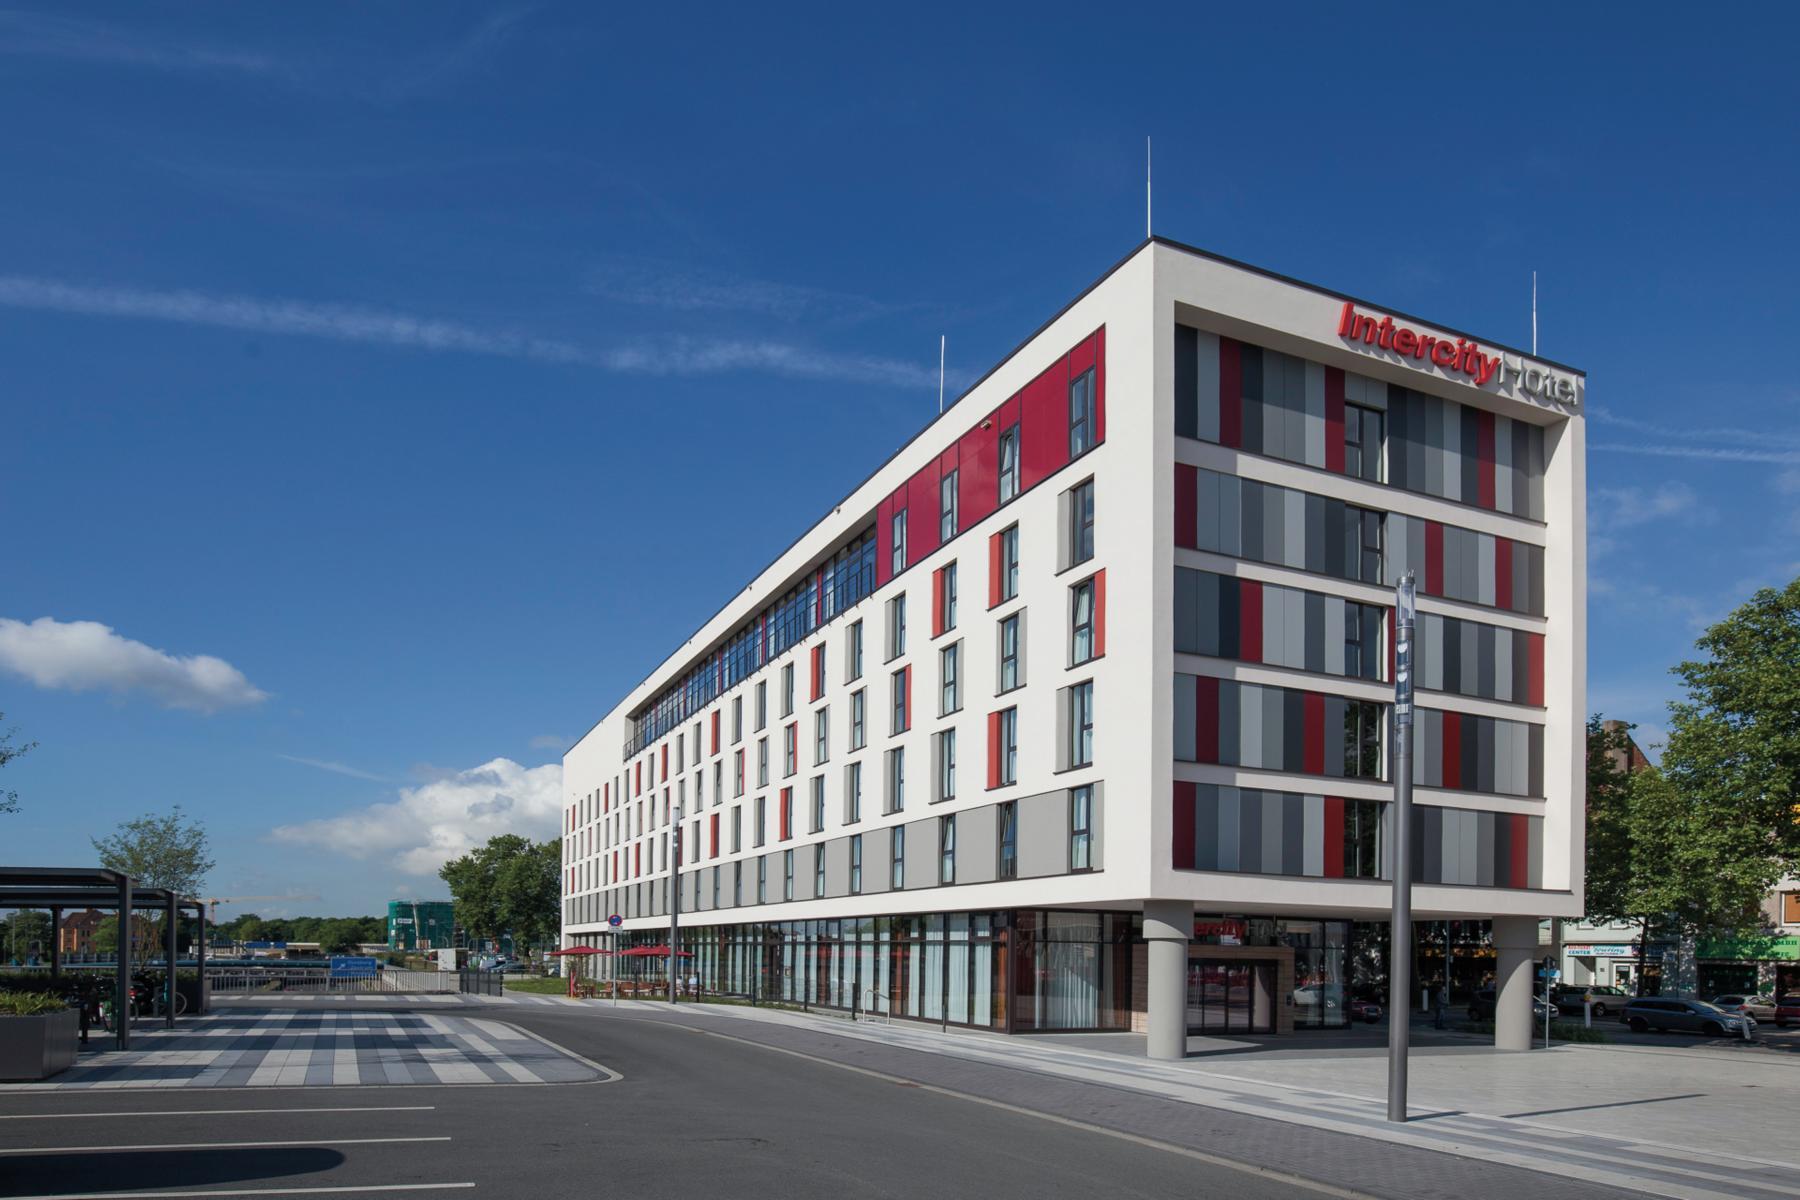 K1600_ICH_Duisburg_Aussen_7600